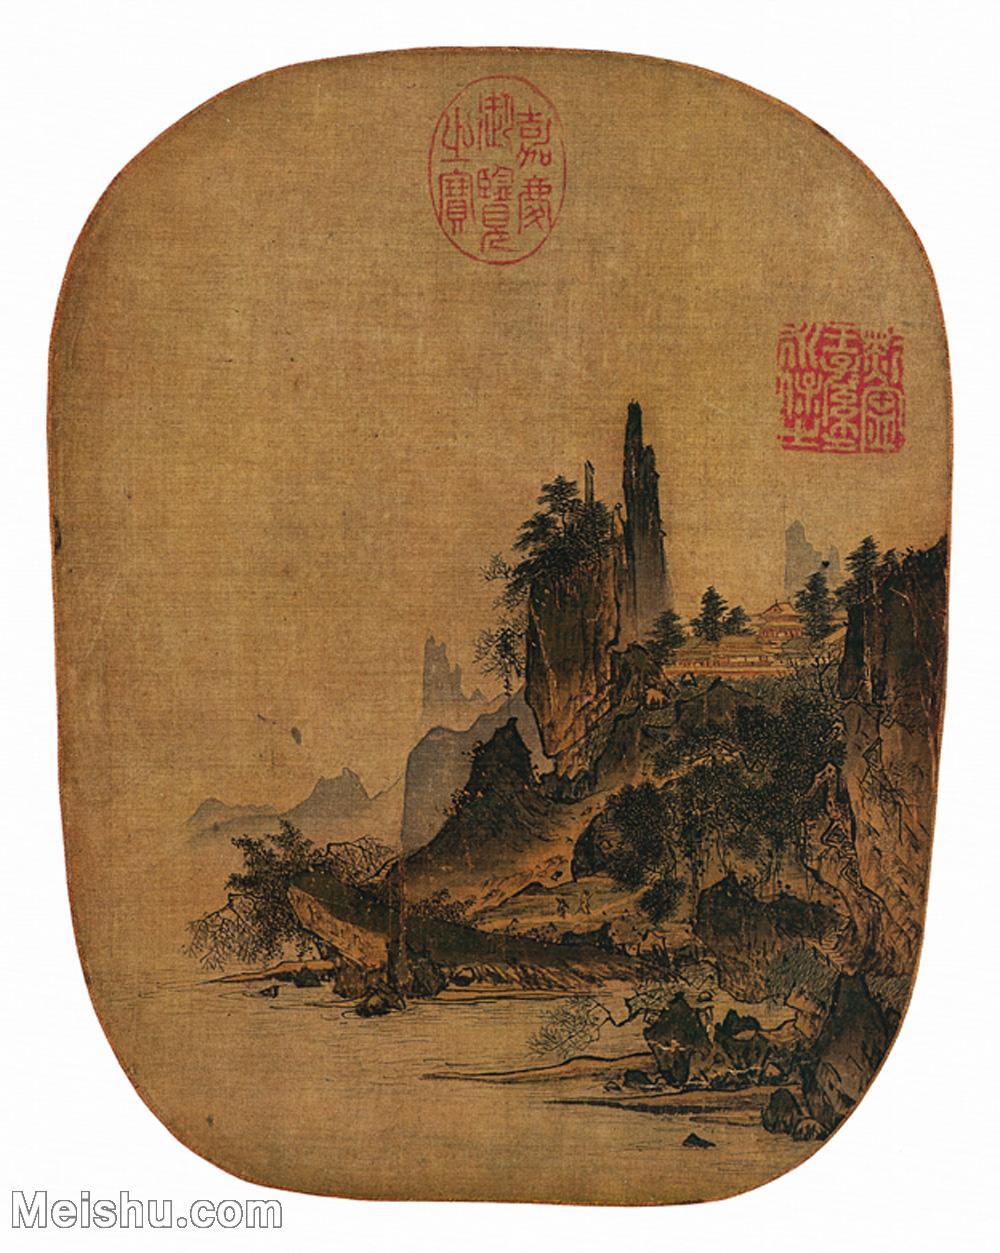 【印刷级】GH6156209古画楼台山水小品图片-43M-3469X4343.jpg